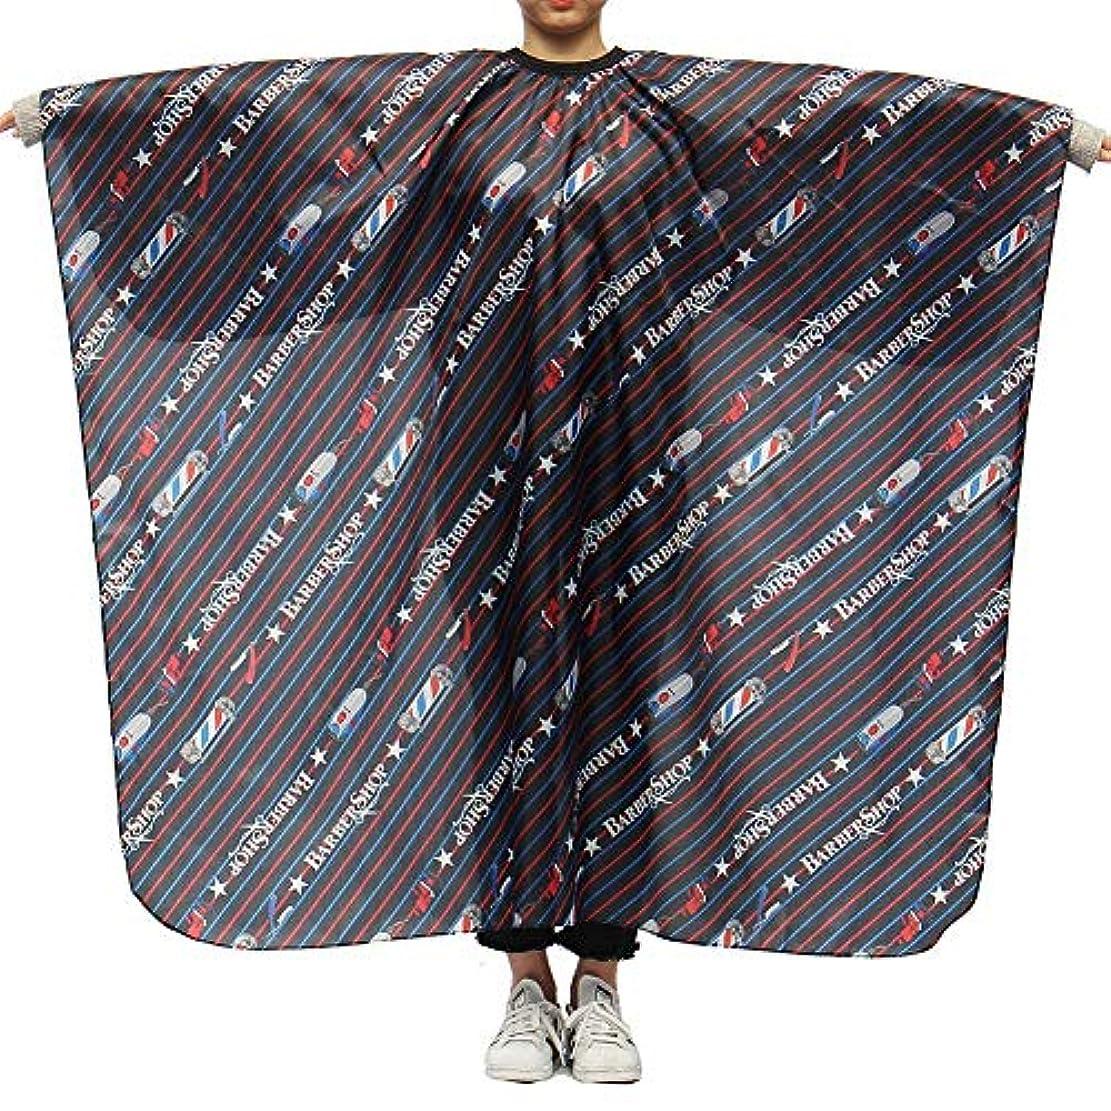 モーテルアラブ適切なLing(リンー)-ビューティー 理髪ケープ 理髪布 店用 家庭用 通気性 滑らか ポリエステル製